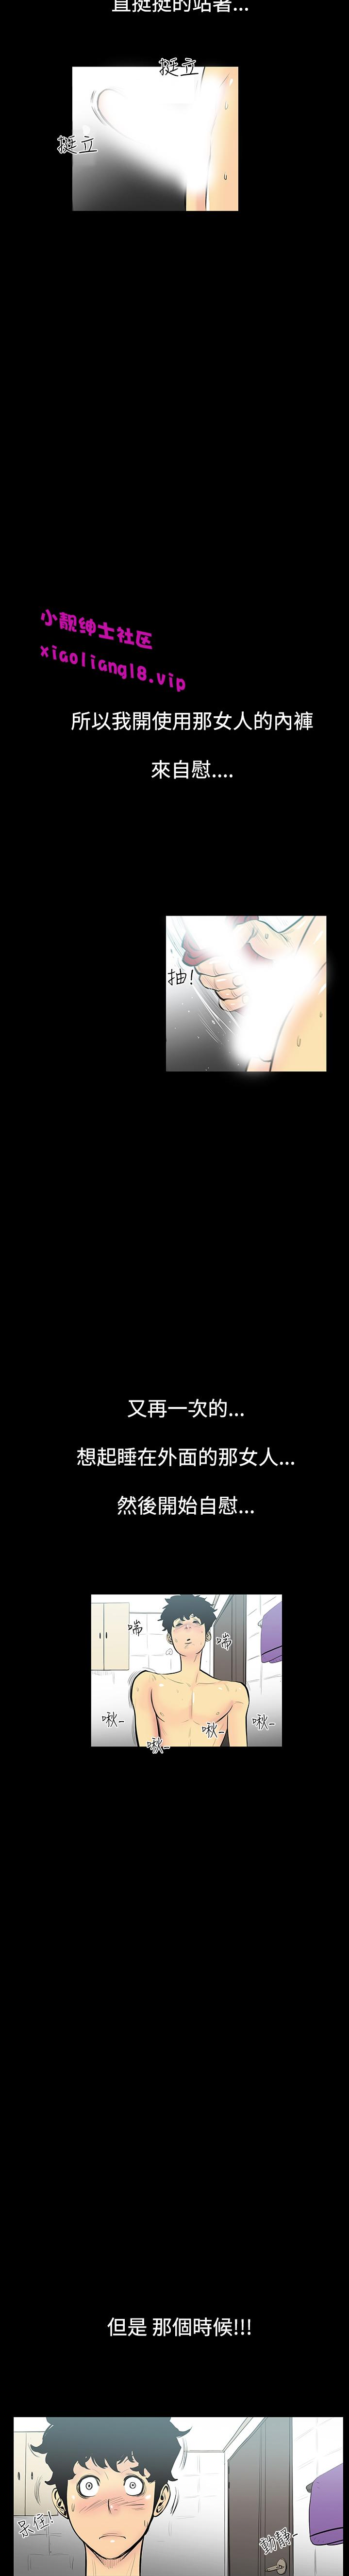 中文韩漫 無法停止的甜蜜關係 Ch.0-12 18